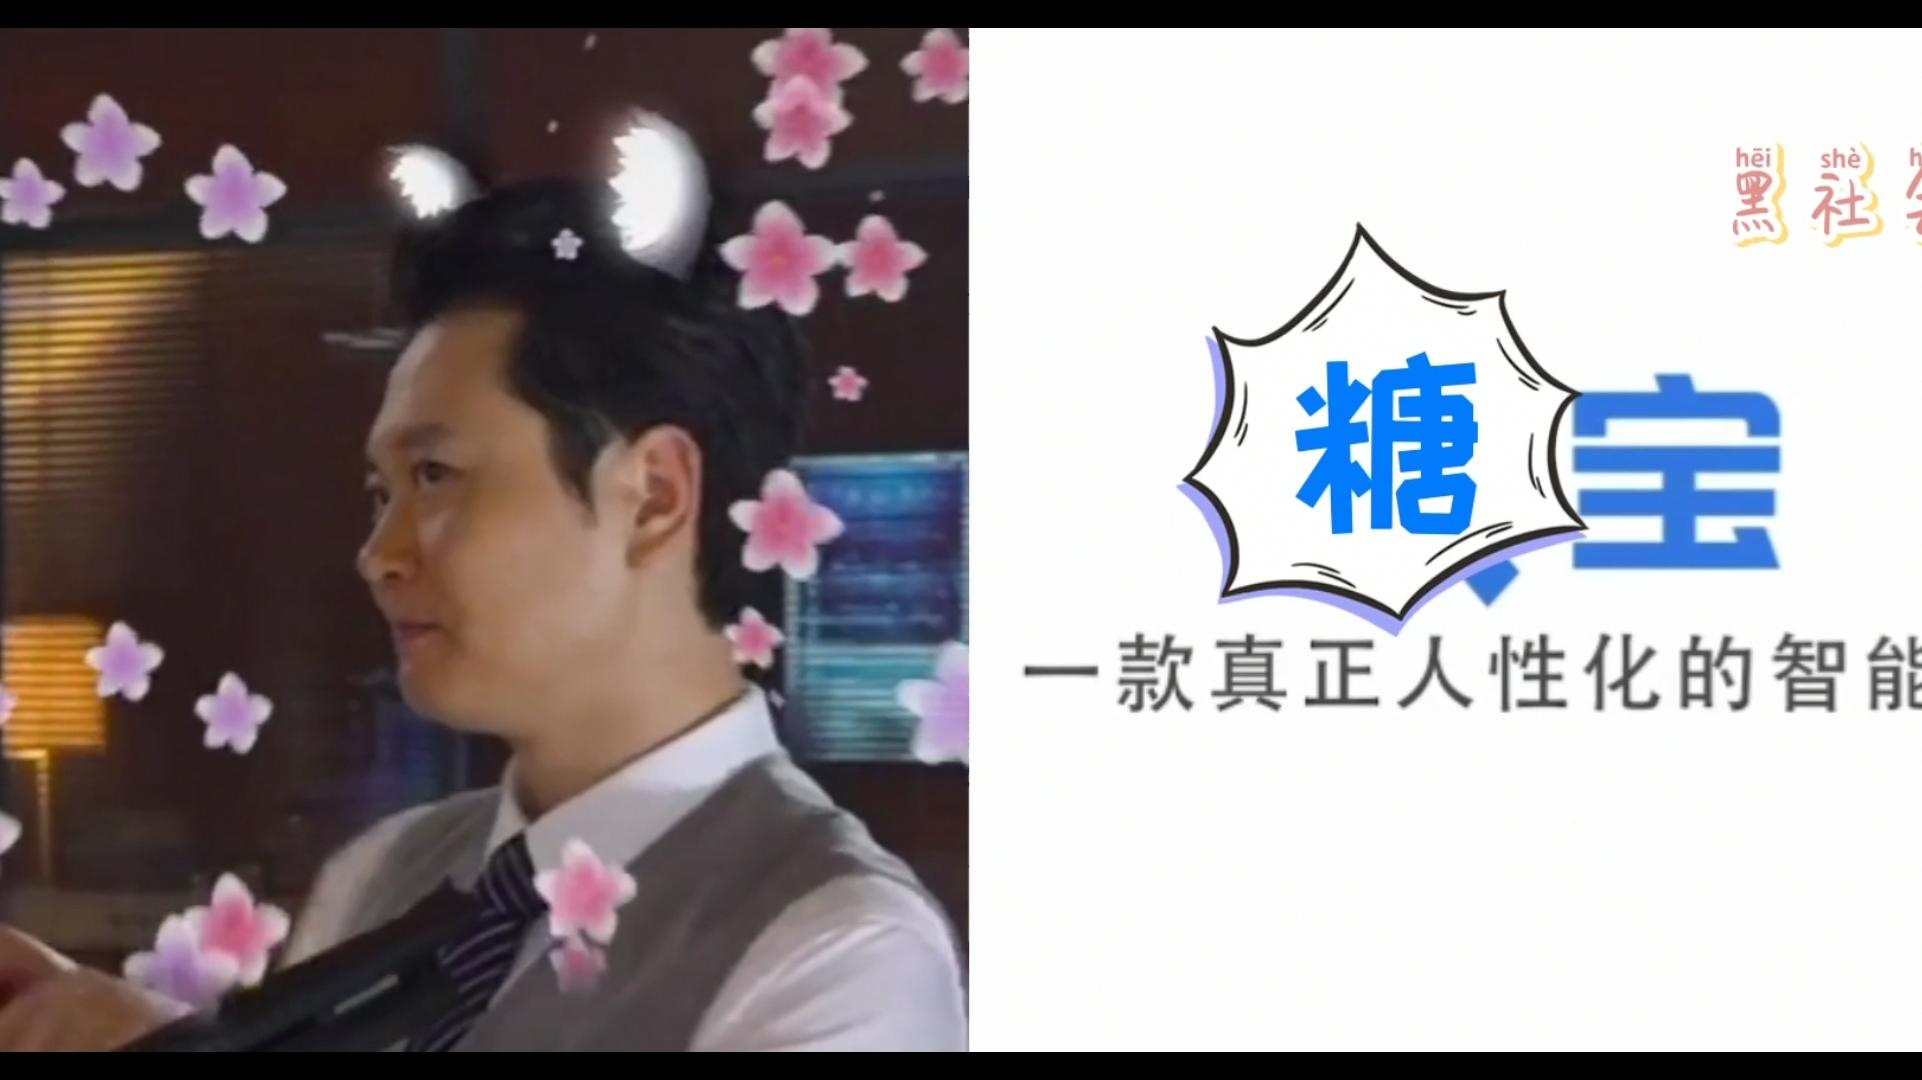 【孟鹤堂】糖宝--国内首款内置孟鹤堂相声包语音机器人